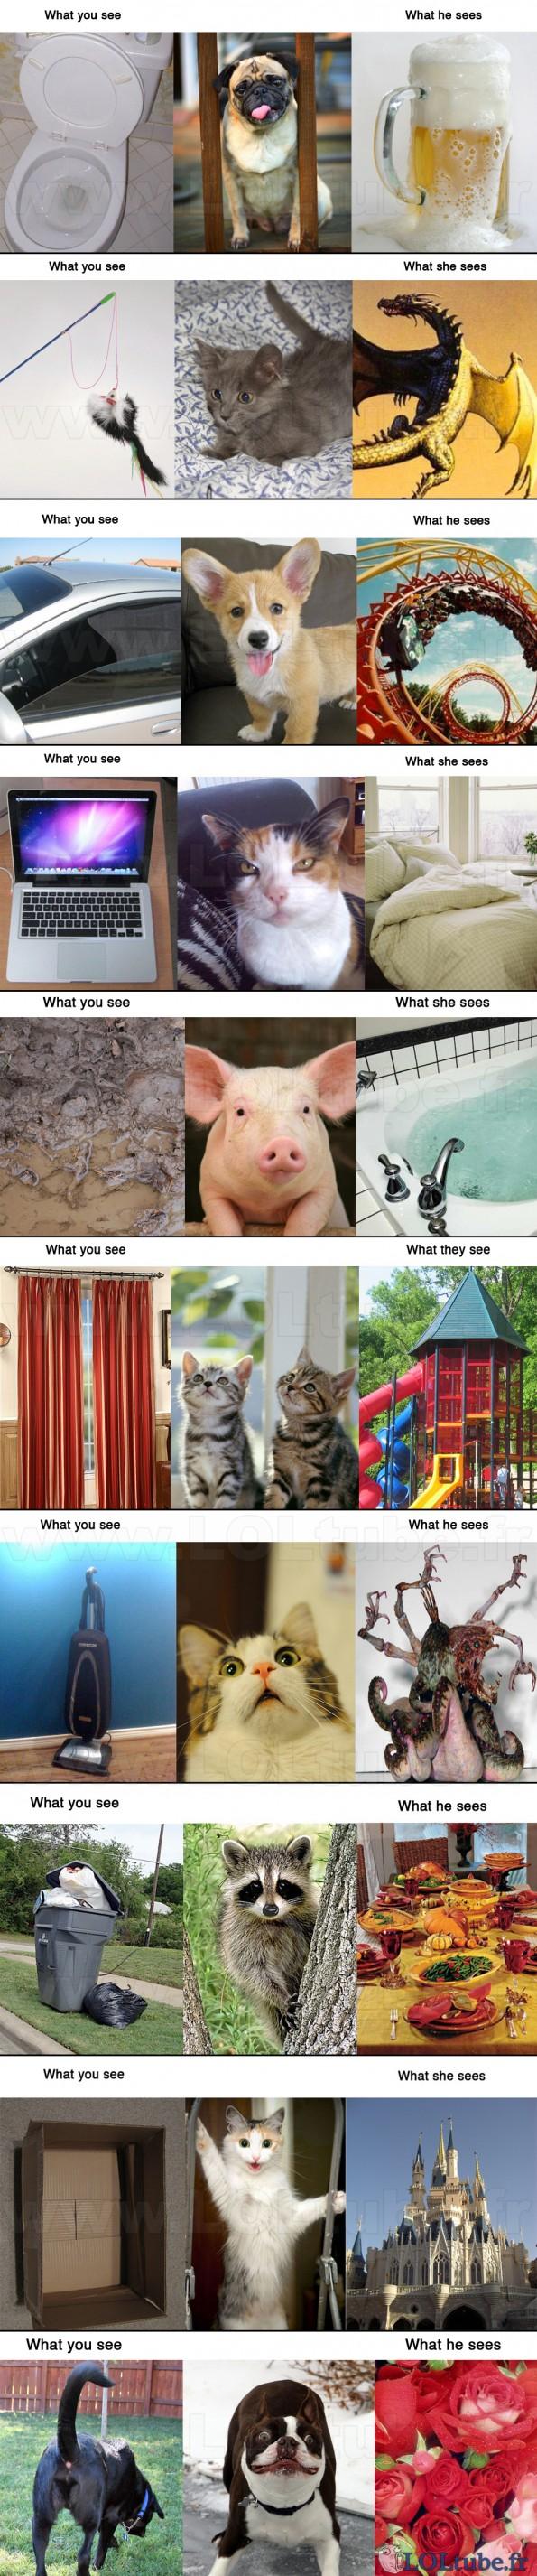 Comment les animaux voient les choses